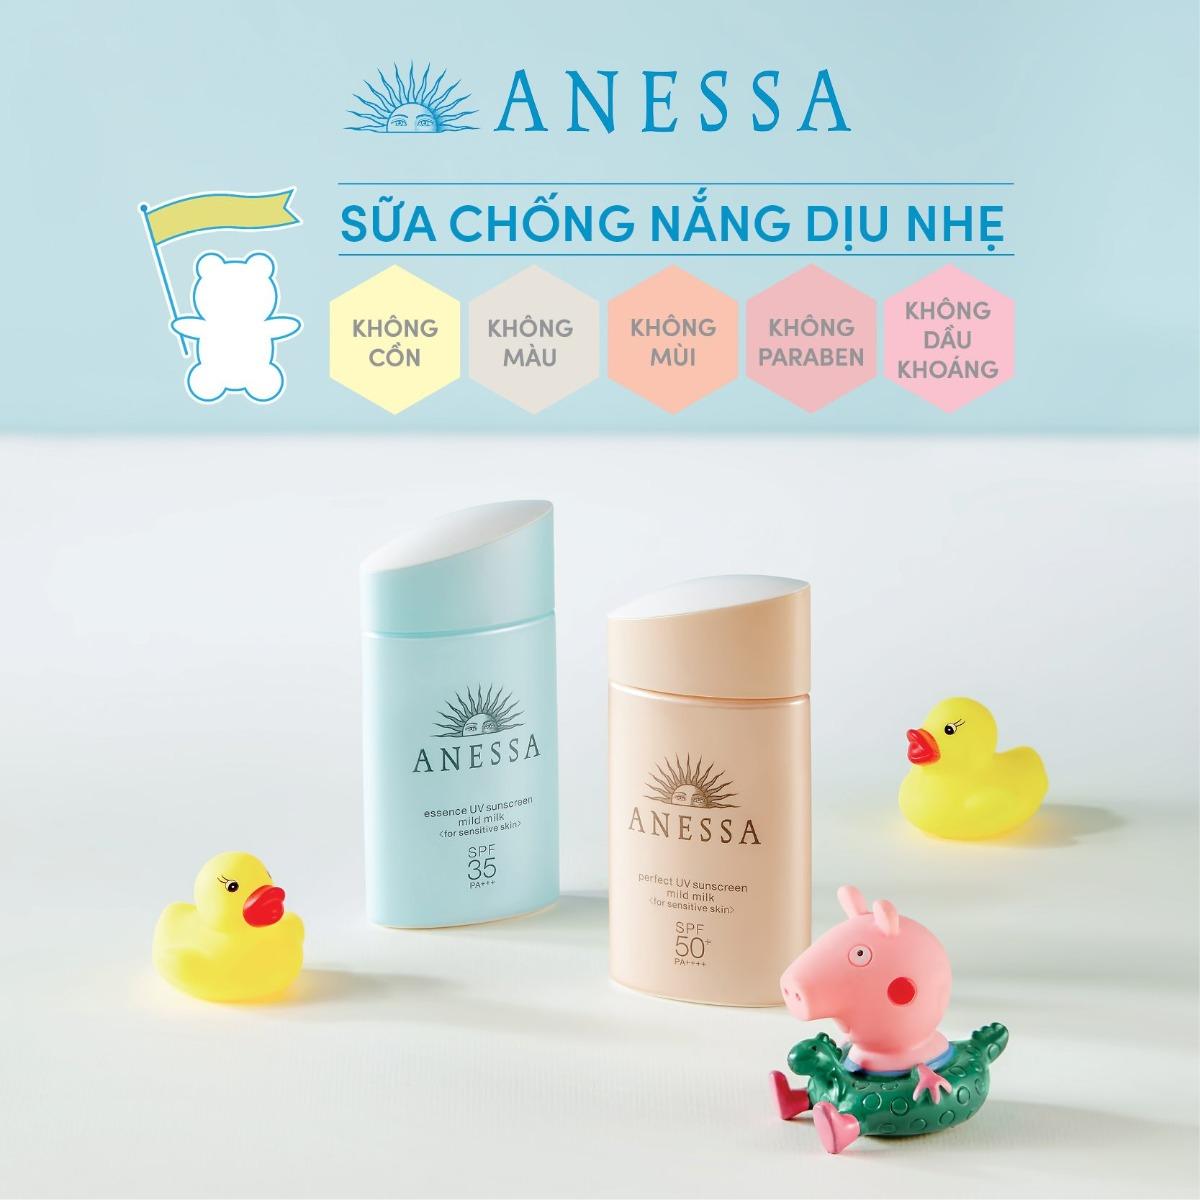 Sữa Chống Nắng Dành Cho Da Nhạy Cảm & Trẻ Em Anessa từ thương hiệu bán chạy số 1 Nhật Bản 18 năm liền